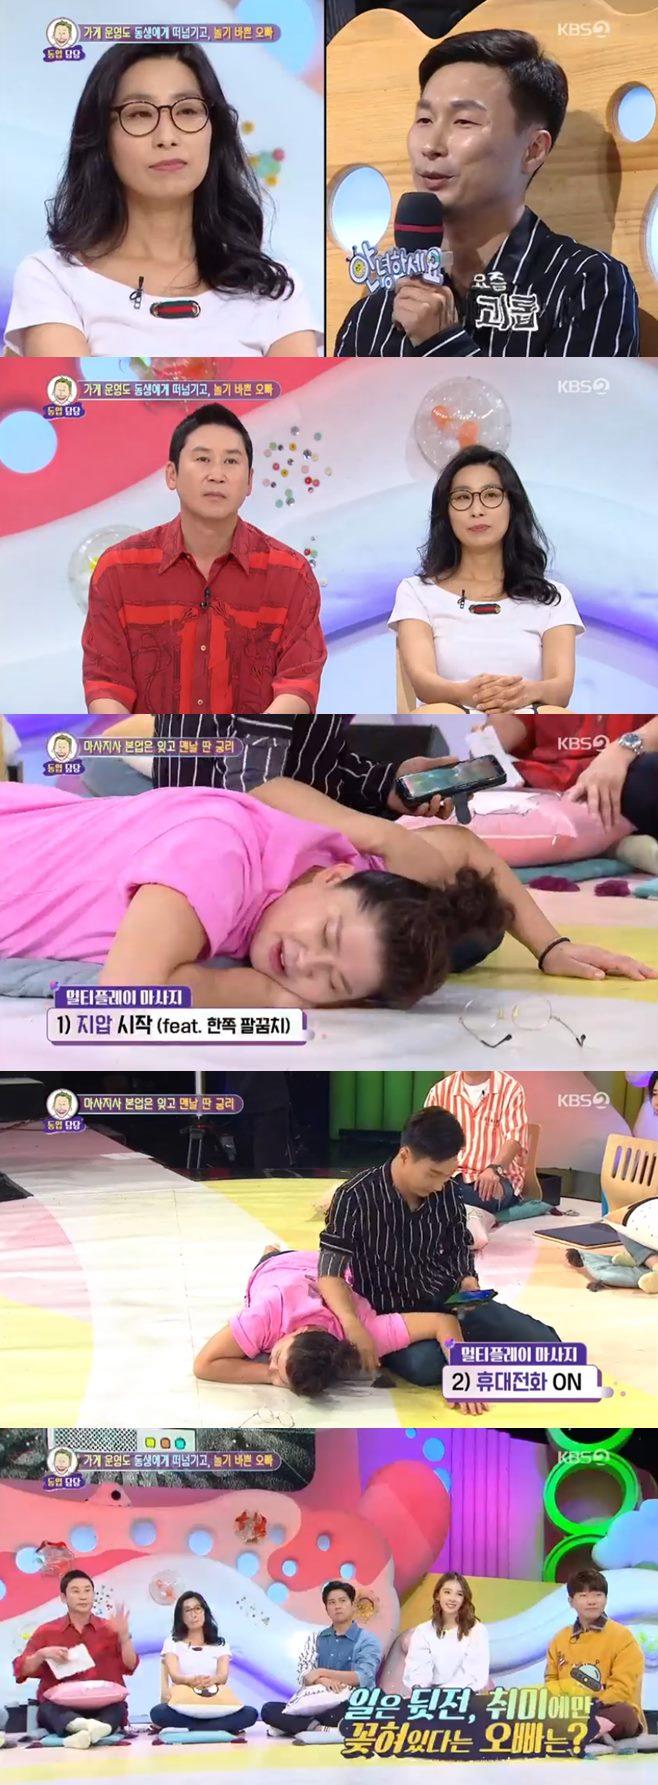 안녕하세요 홍경민 강유미 도티 아이린 신동엽 이영자 김태균 마사지사 오빠